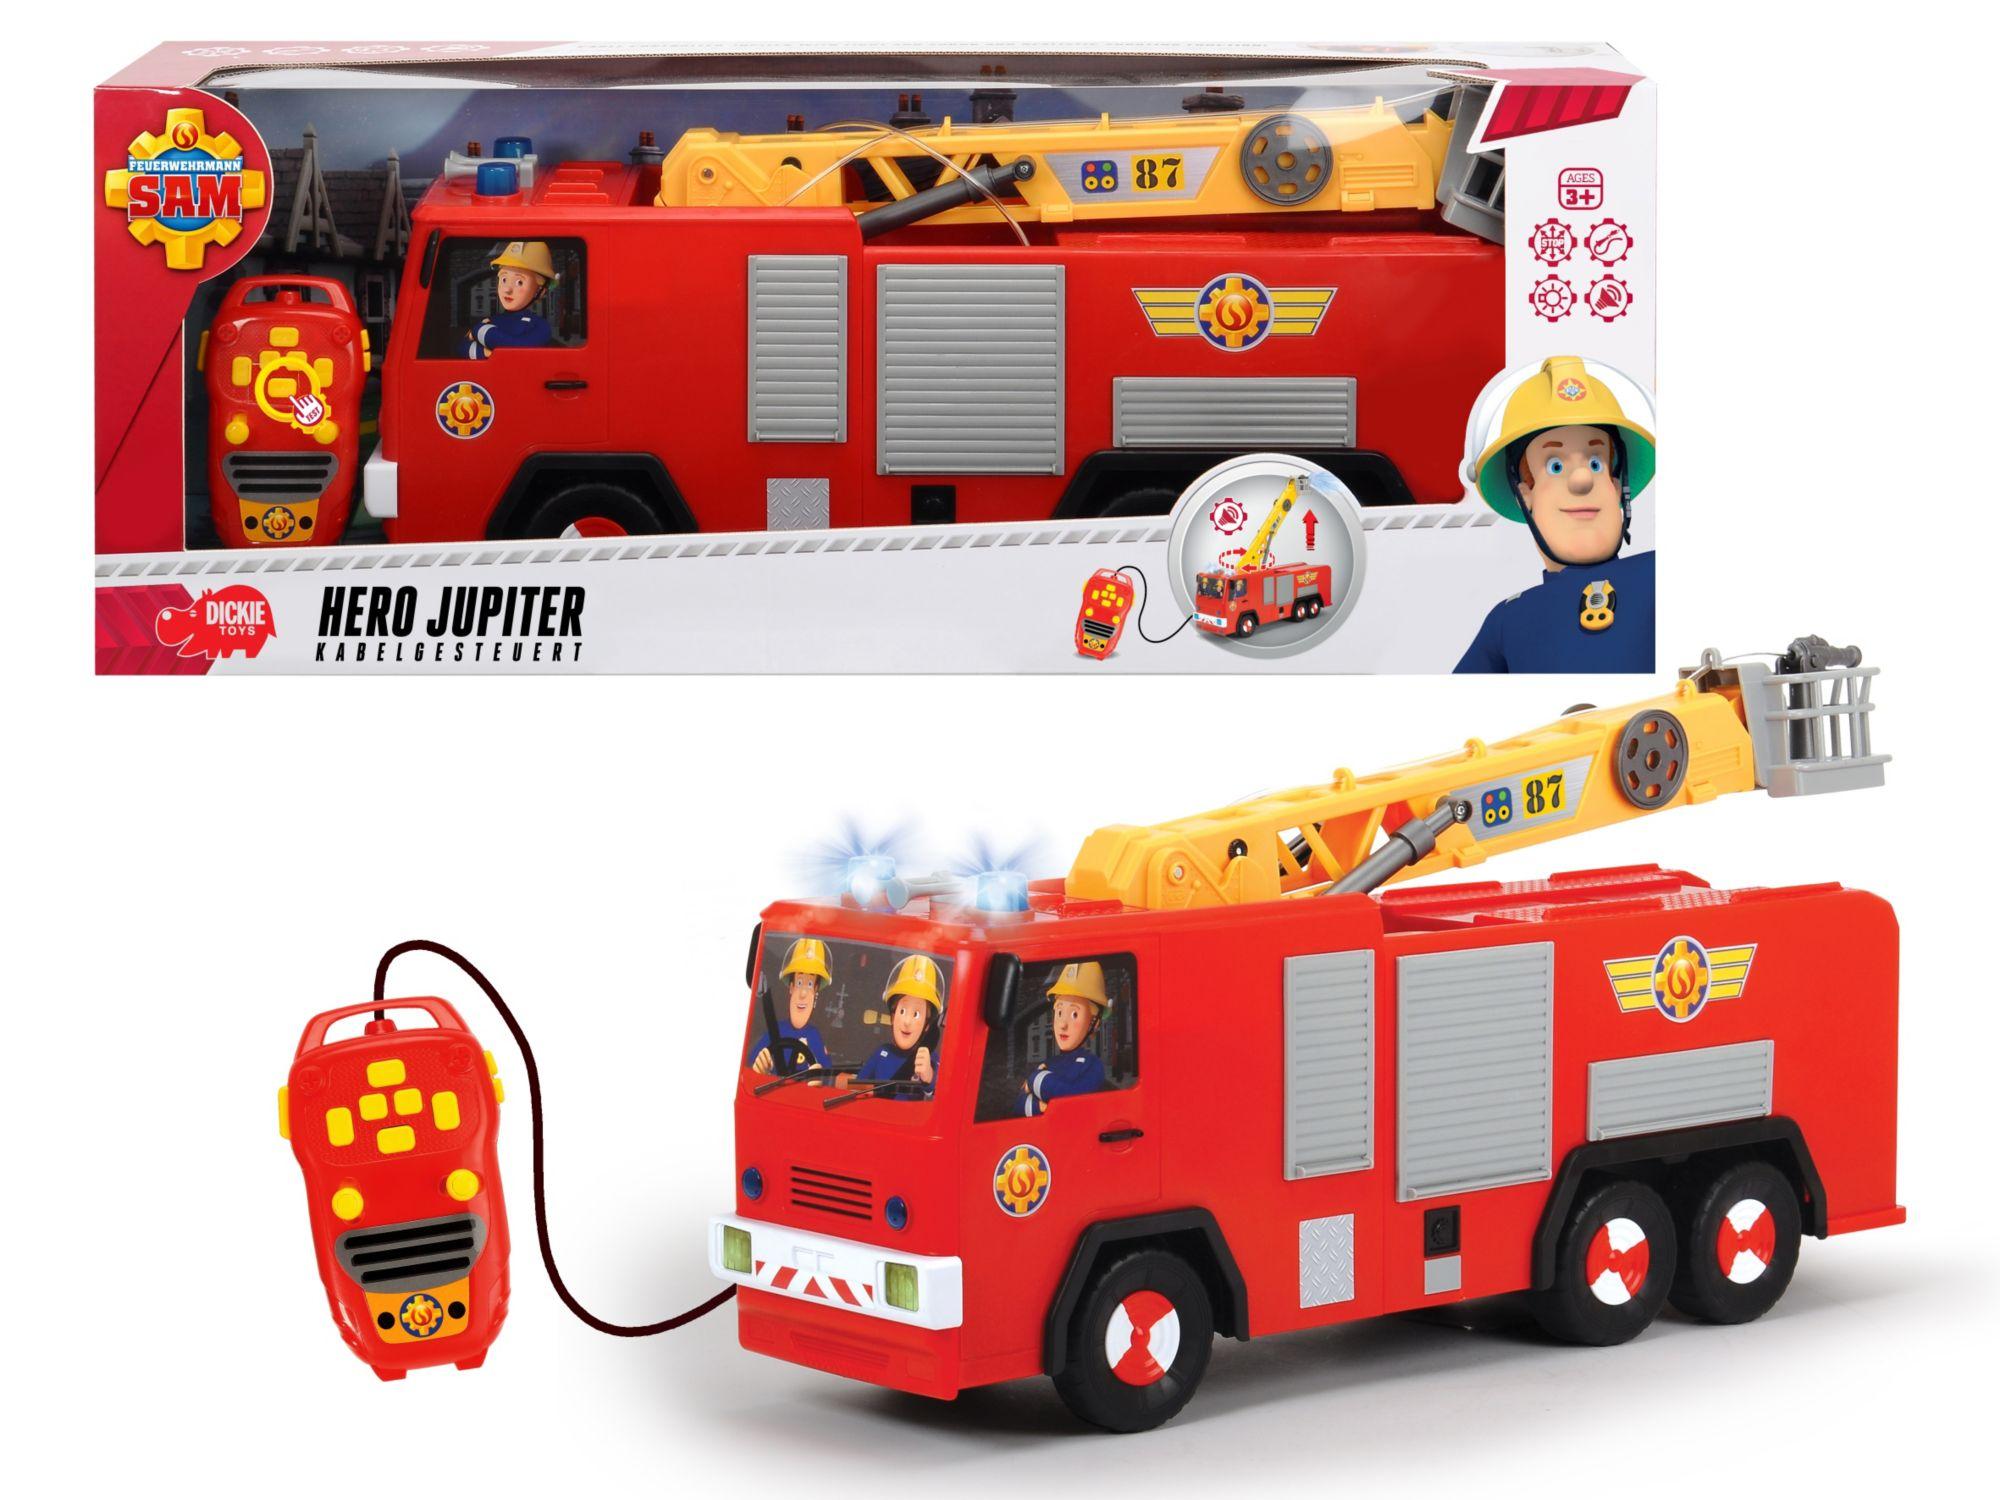 DICKIE TOYS Dickie Toys Kabelgesteuertes Feuerwehrauto mit Wasserspritze, »Feuerwehrmann Sam, Hero Jupiter«